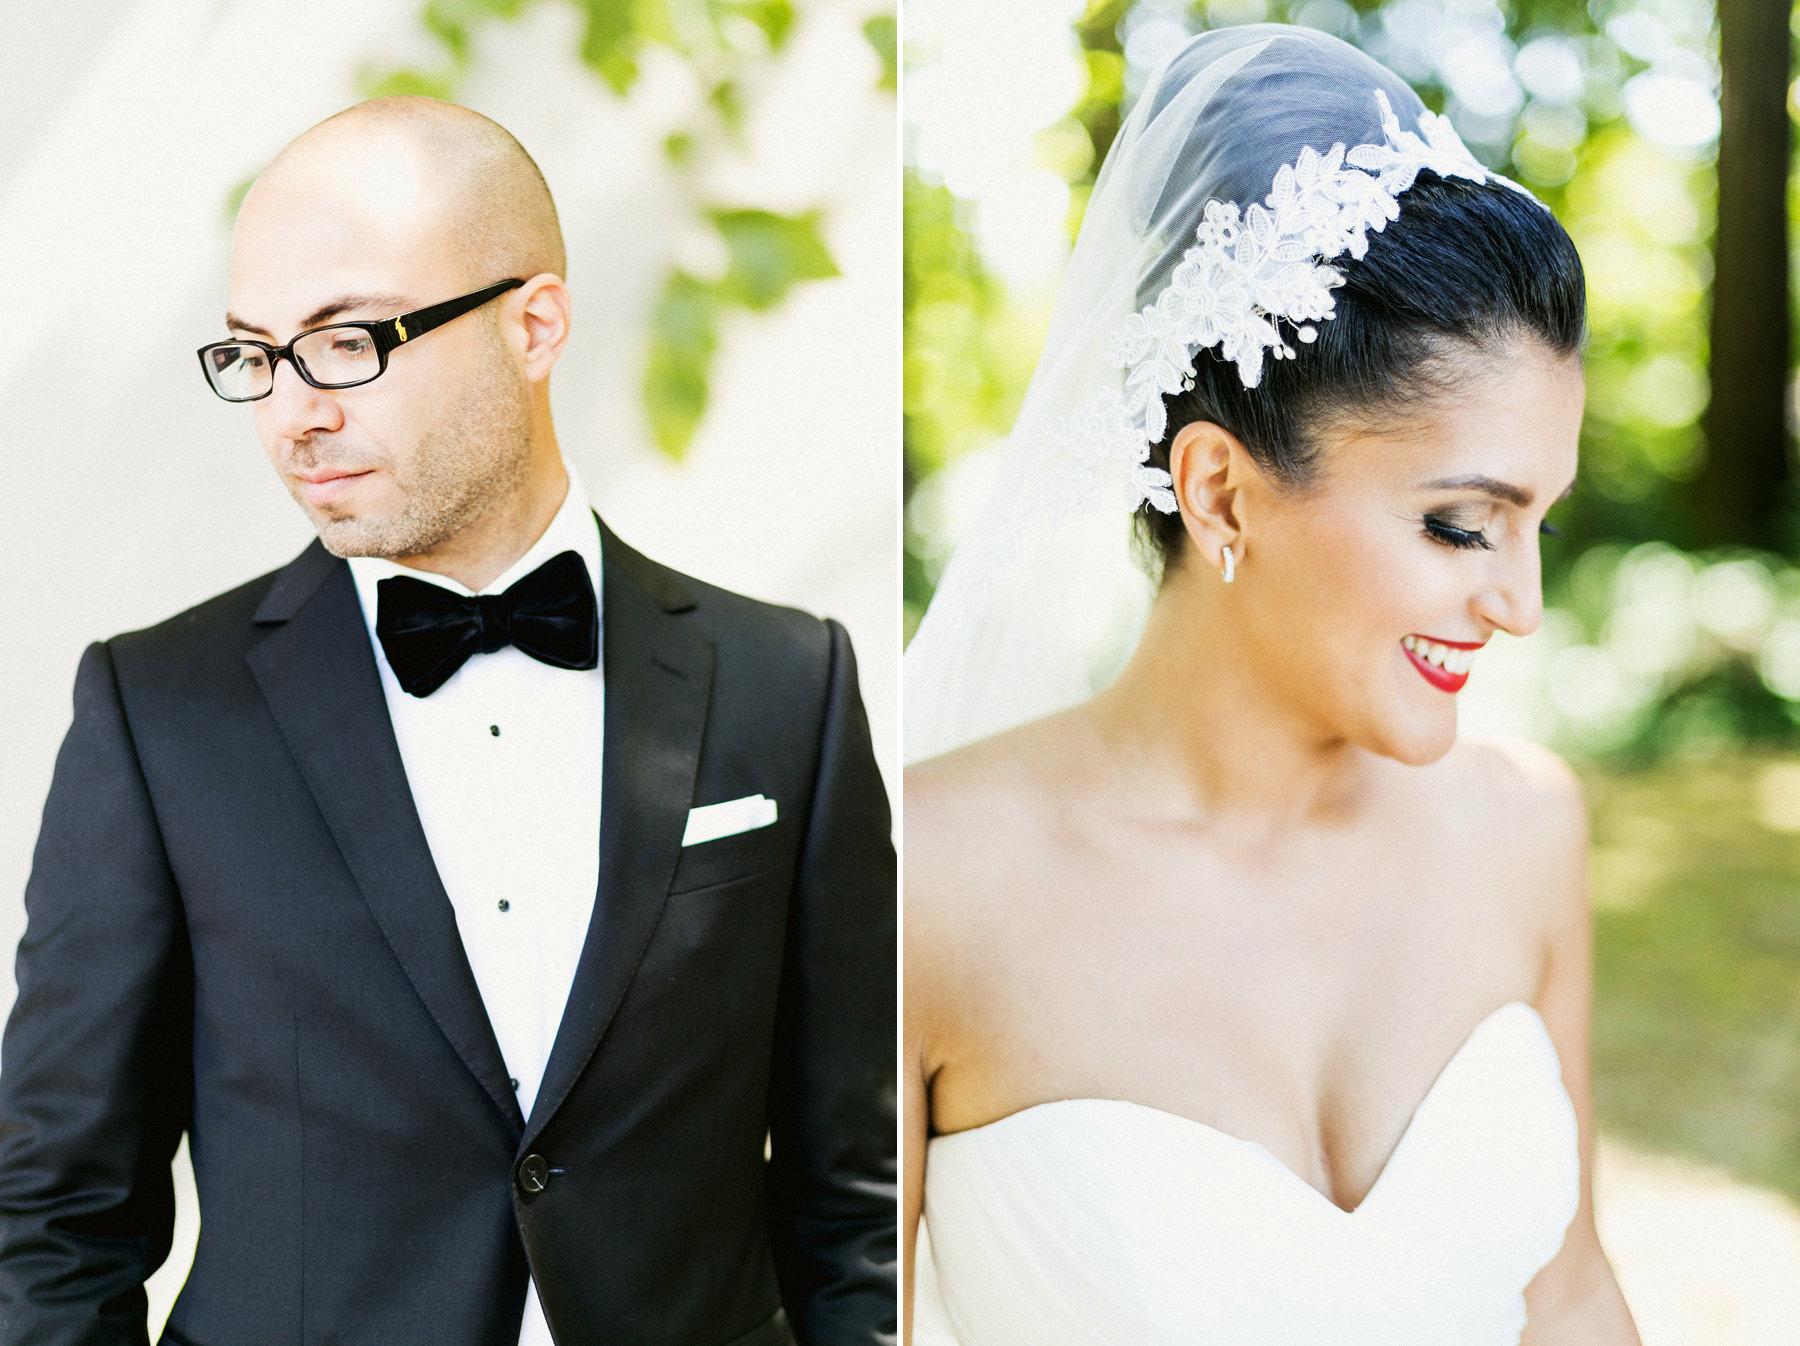 2-BrideAndGroomWeddingPortraits